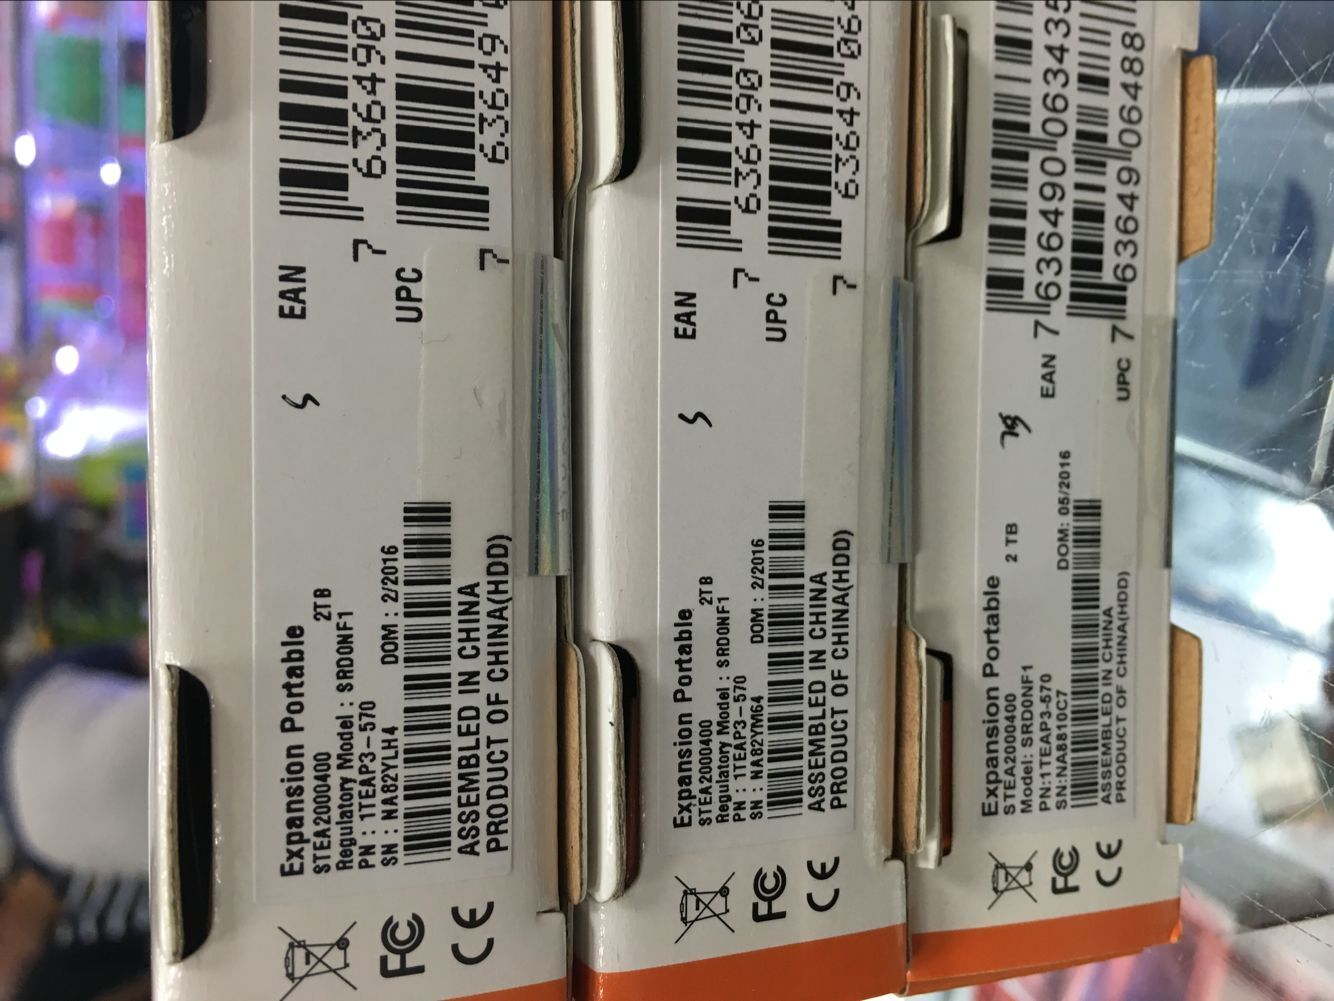 Seagate mobile festplatte Seagate - 2t USB3.0STEA2000400 mobile festplatte